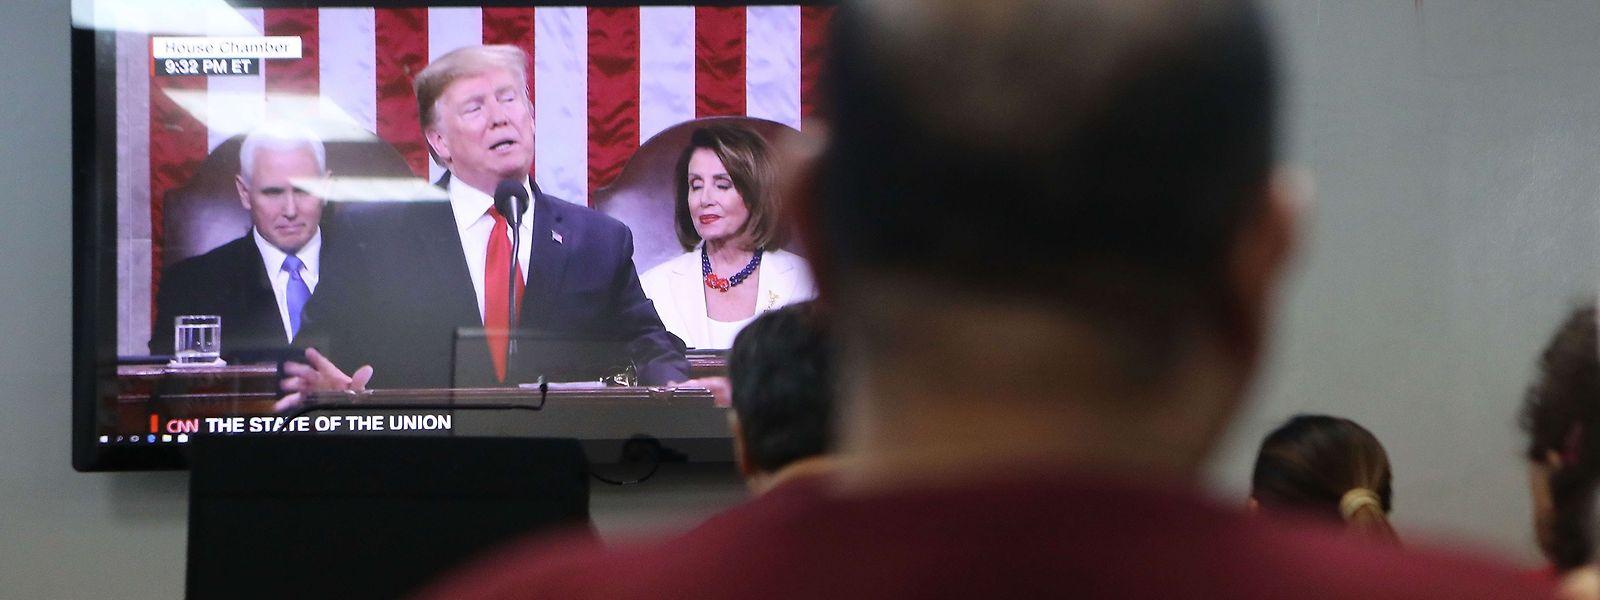 Donald Trumps Rede zur Lage der Nation wurde auf insgesamt zwölf Fernsehkanälen vor einem Millionenpublikum übertragen.